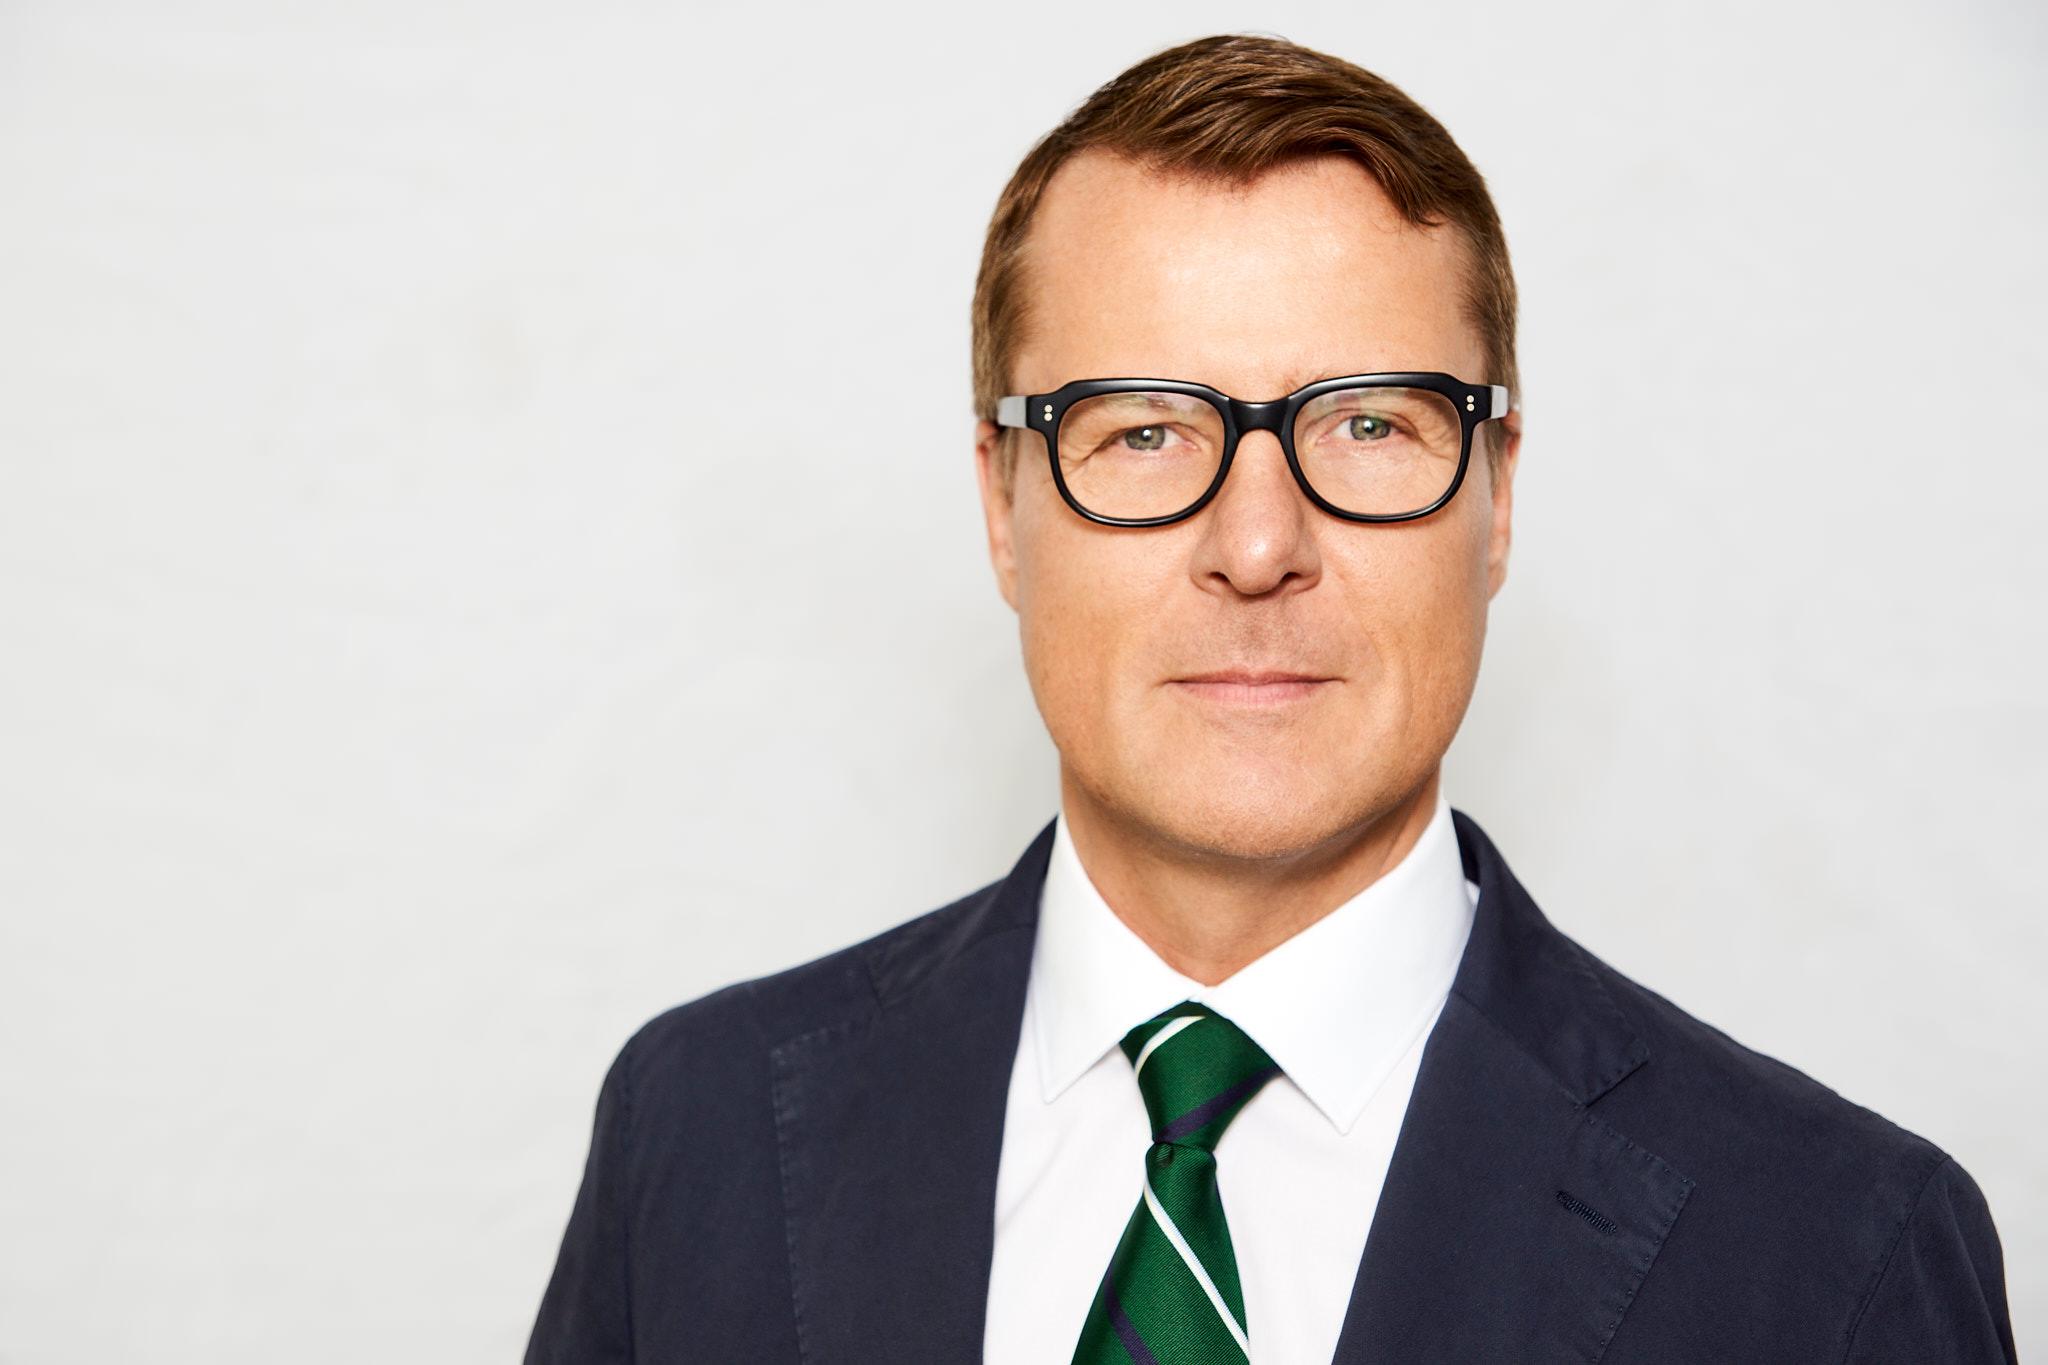 Rechtsanwalt Verkehrsrecht Matthias Preuss